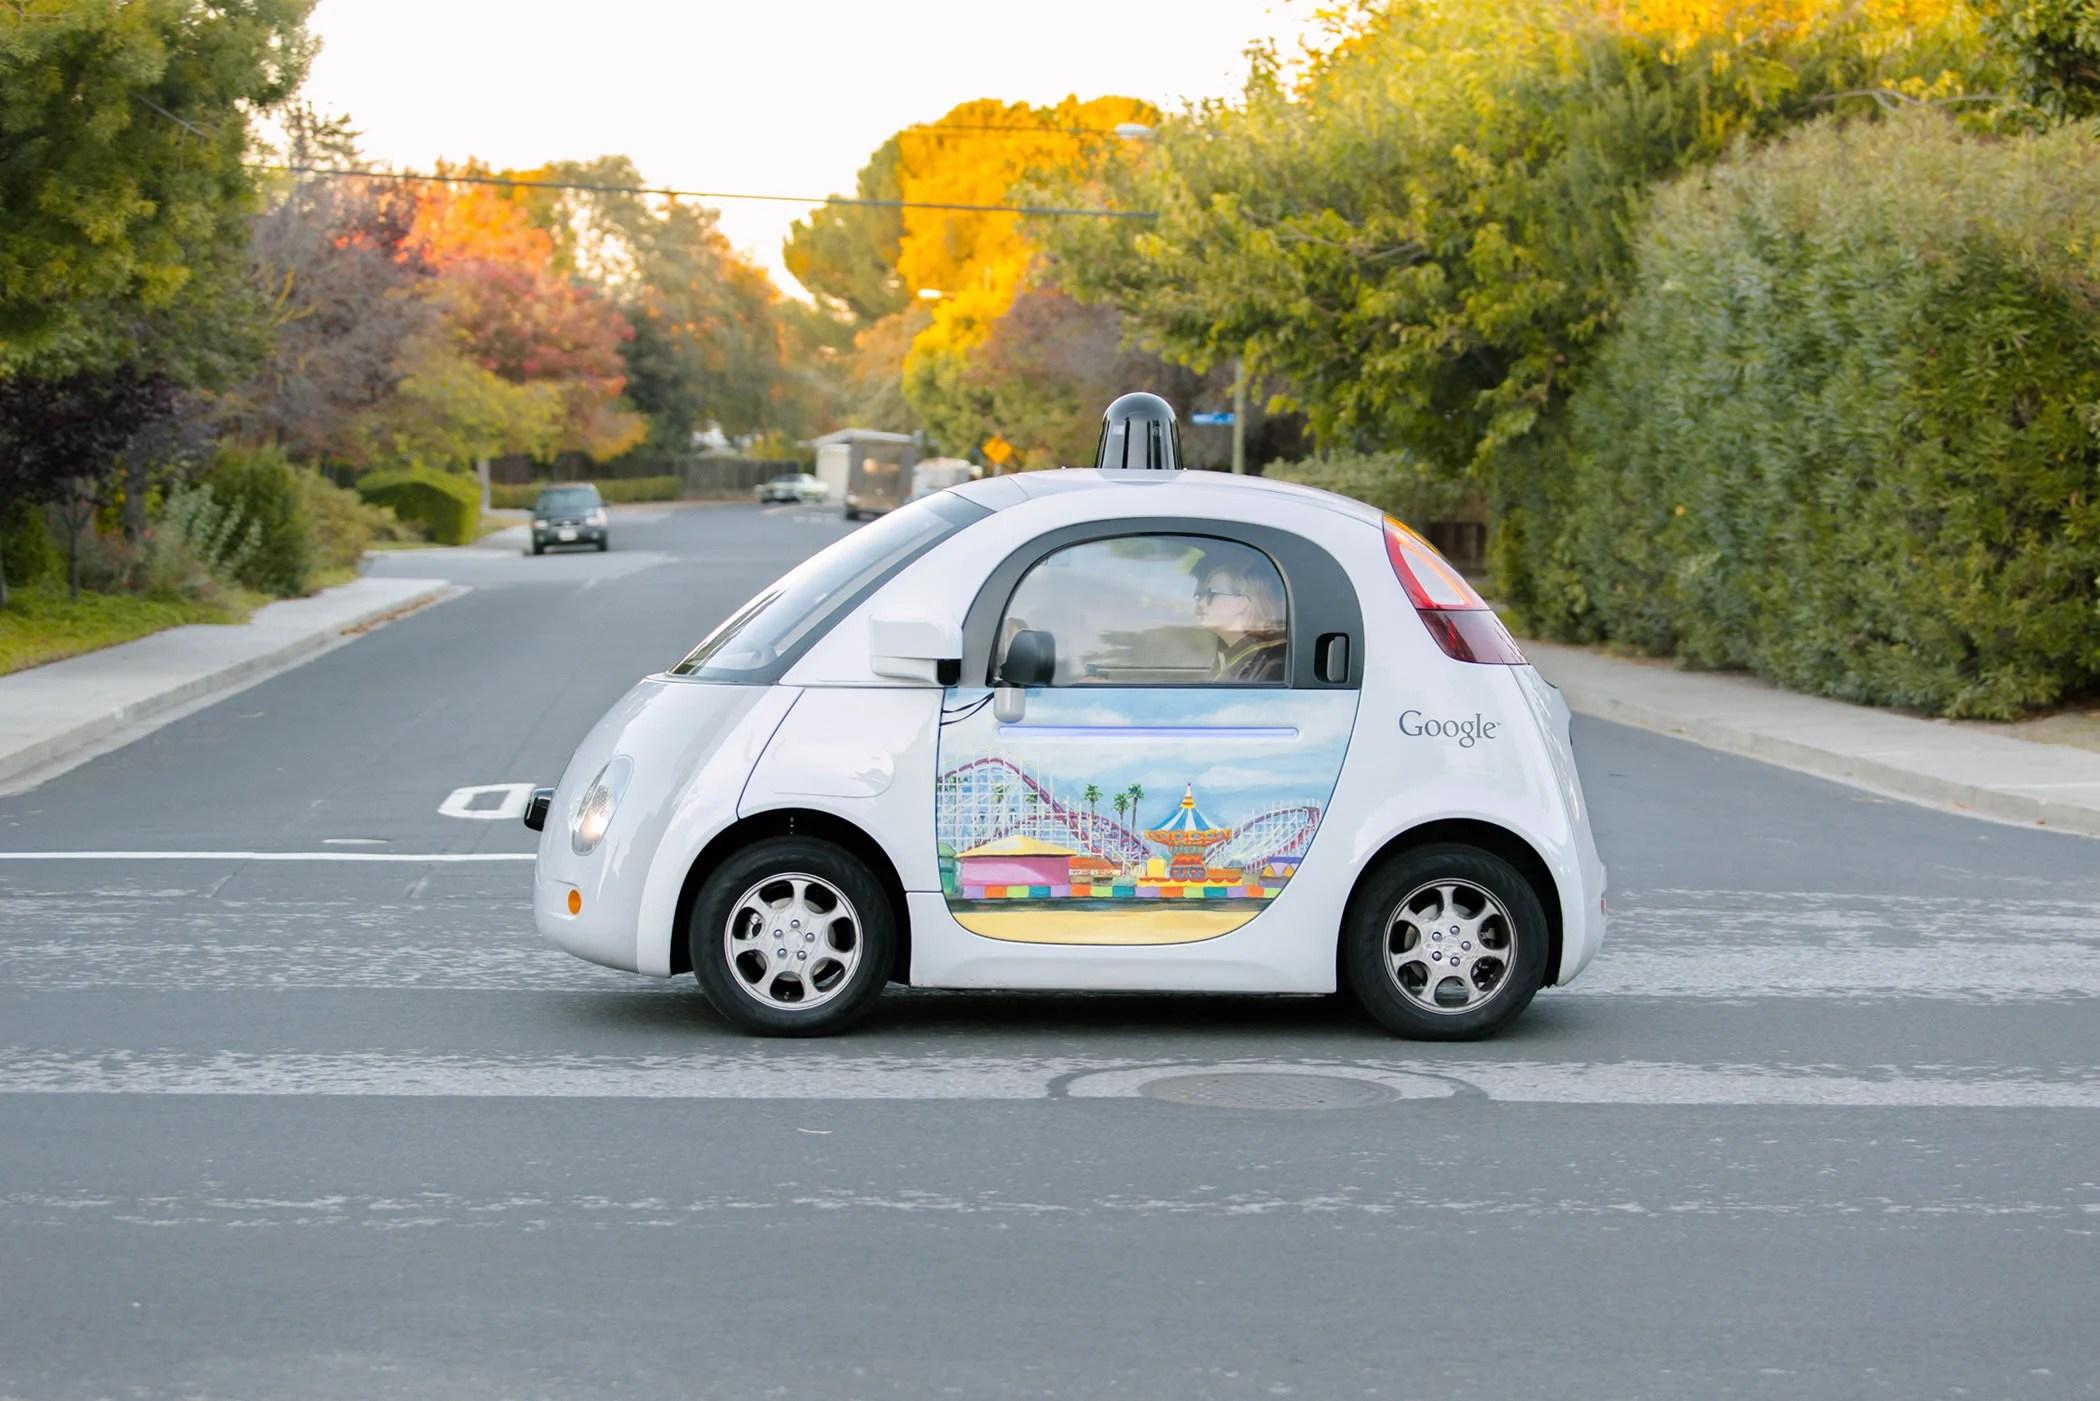 Les Google Car klaxonnent toutes seules pour éviter les accidents